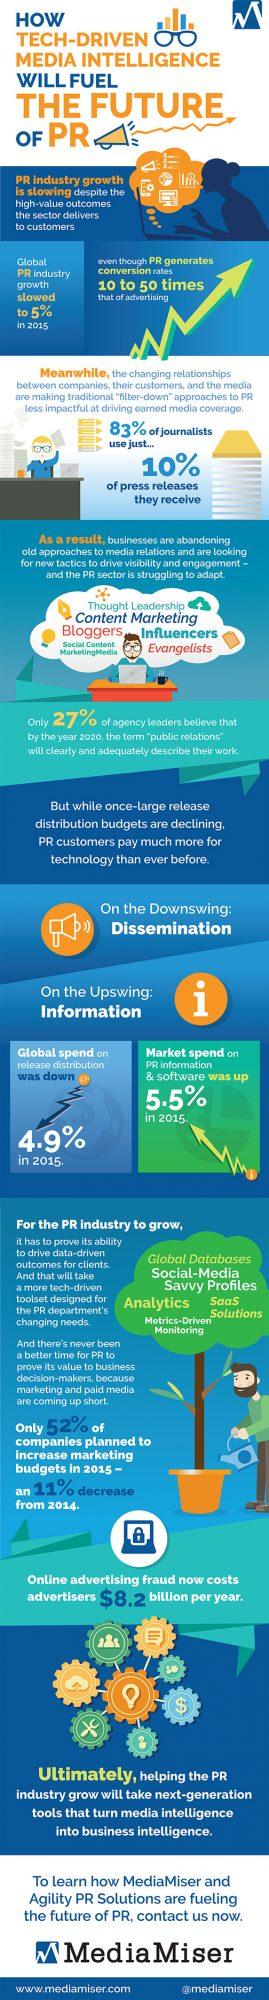 mediamiser-pr-media-intelligence-infographic